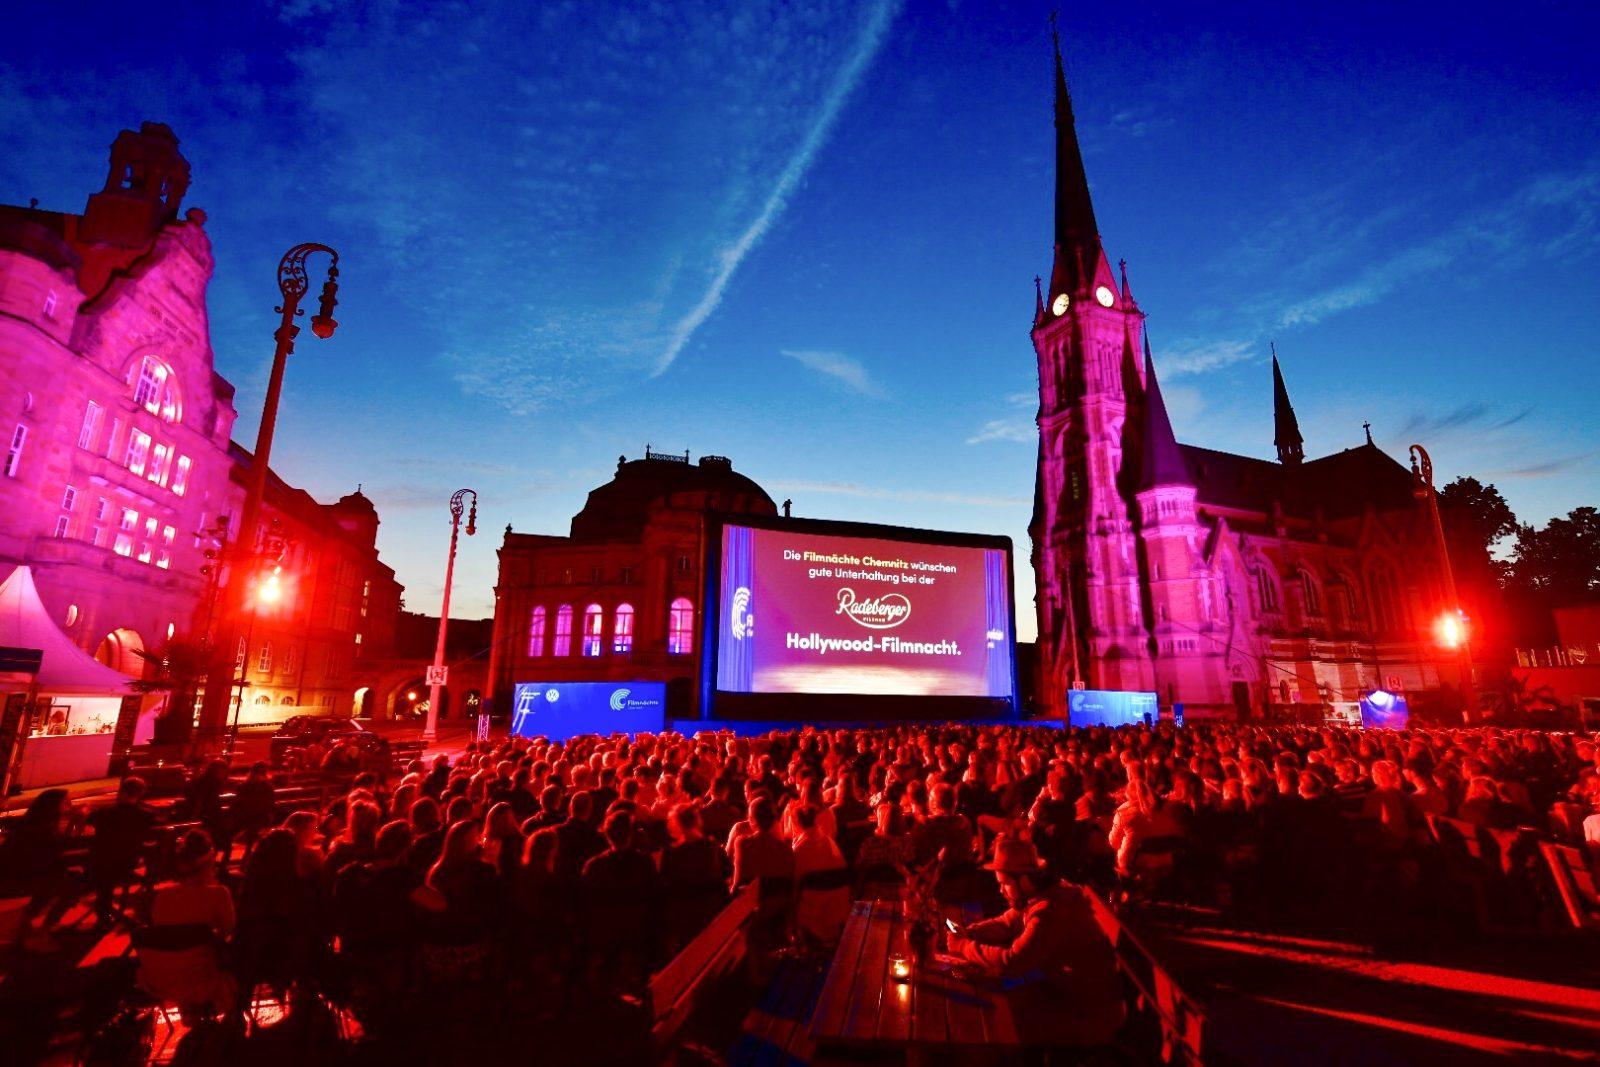 Ausverkaufter Theaterplatz zur Eröffnung, Blick auf Leinwand, Oper und Petrikirche